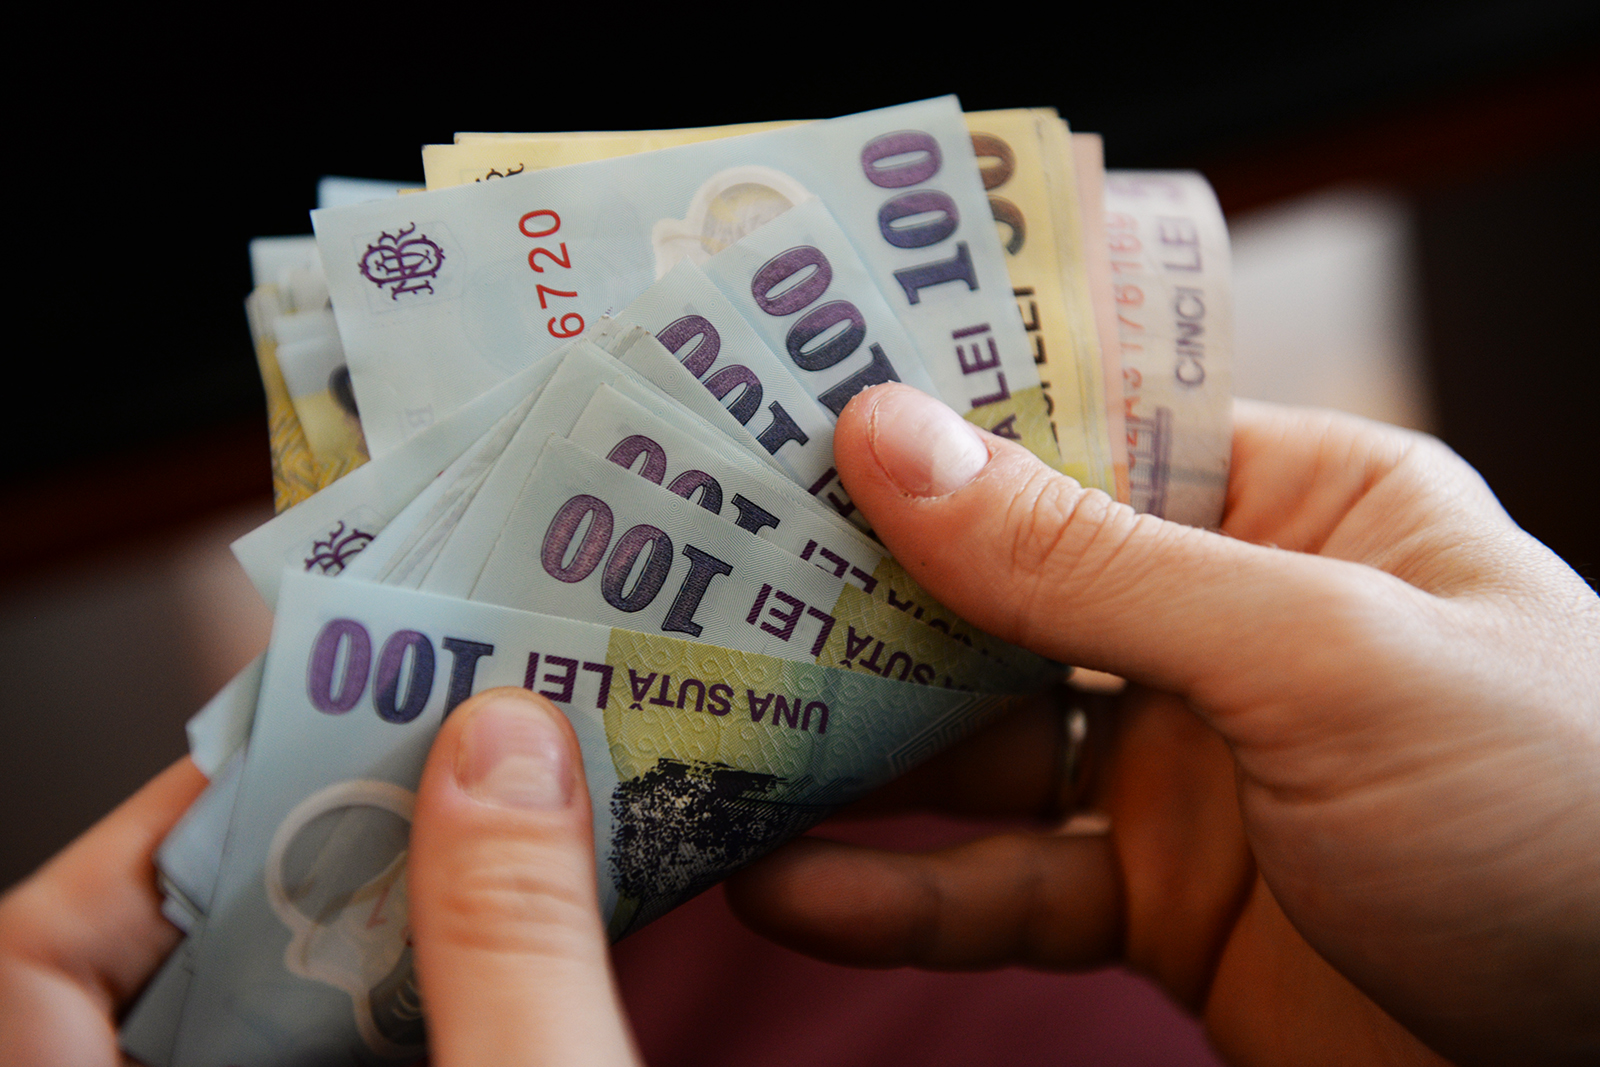 Ministerul Finanţelor: nu avem în vedere majorarea impozitelor sau contribuţiilor, nu creşte taxarea PFA